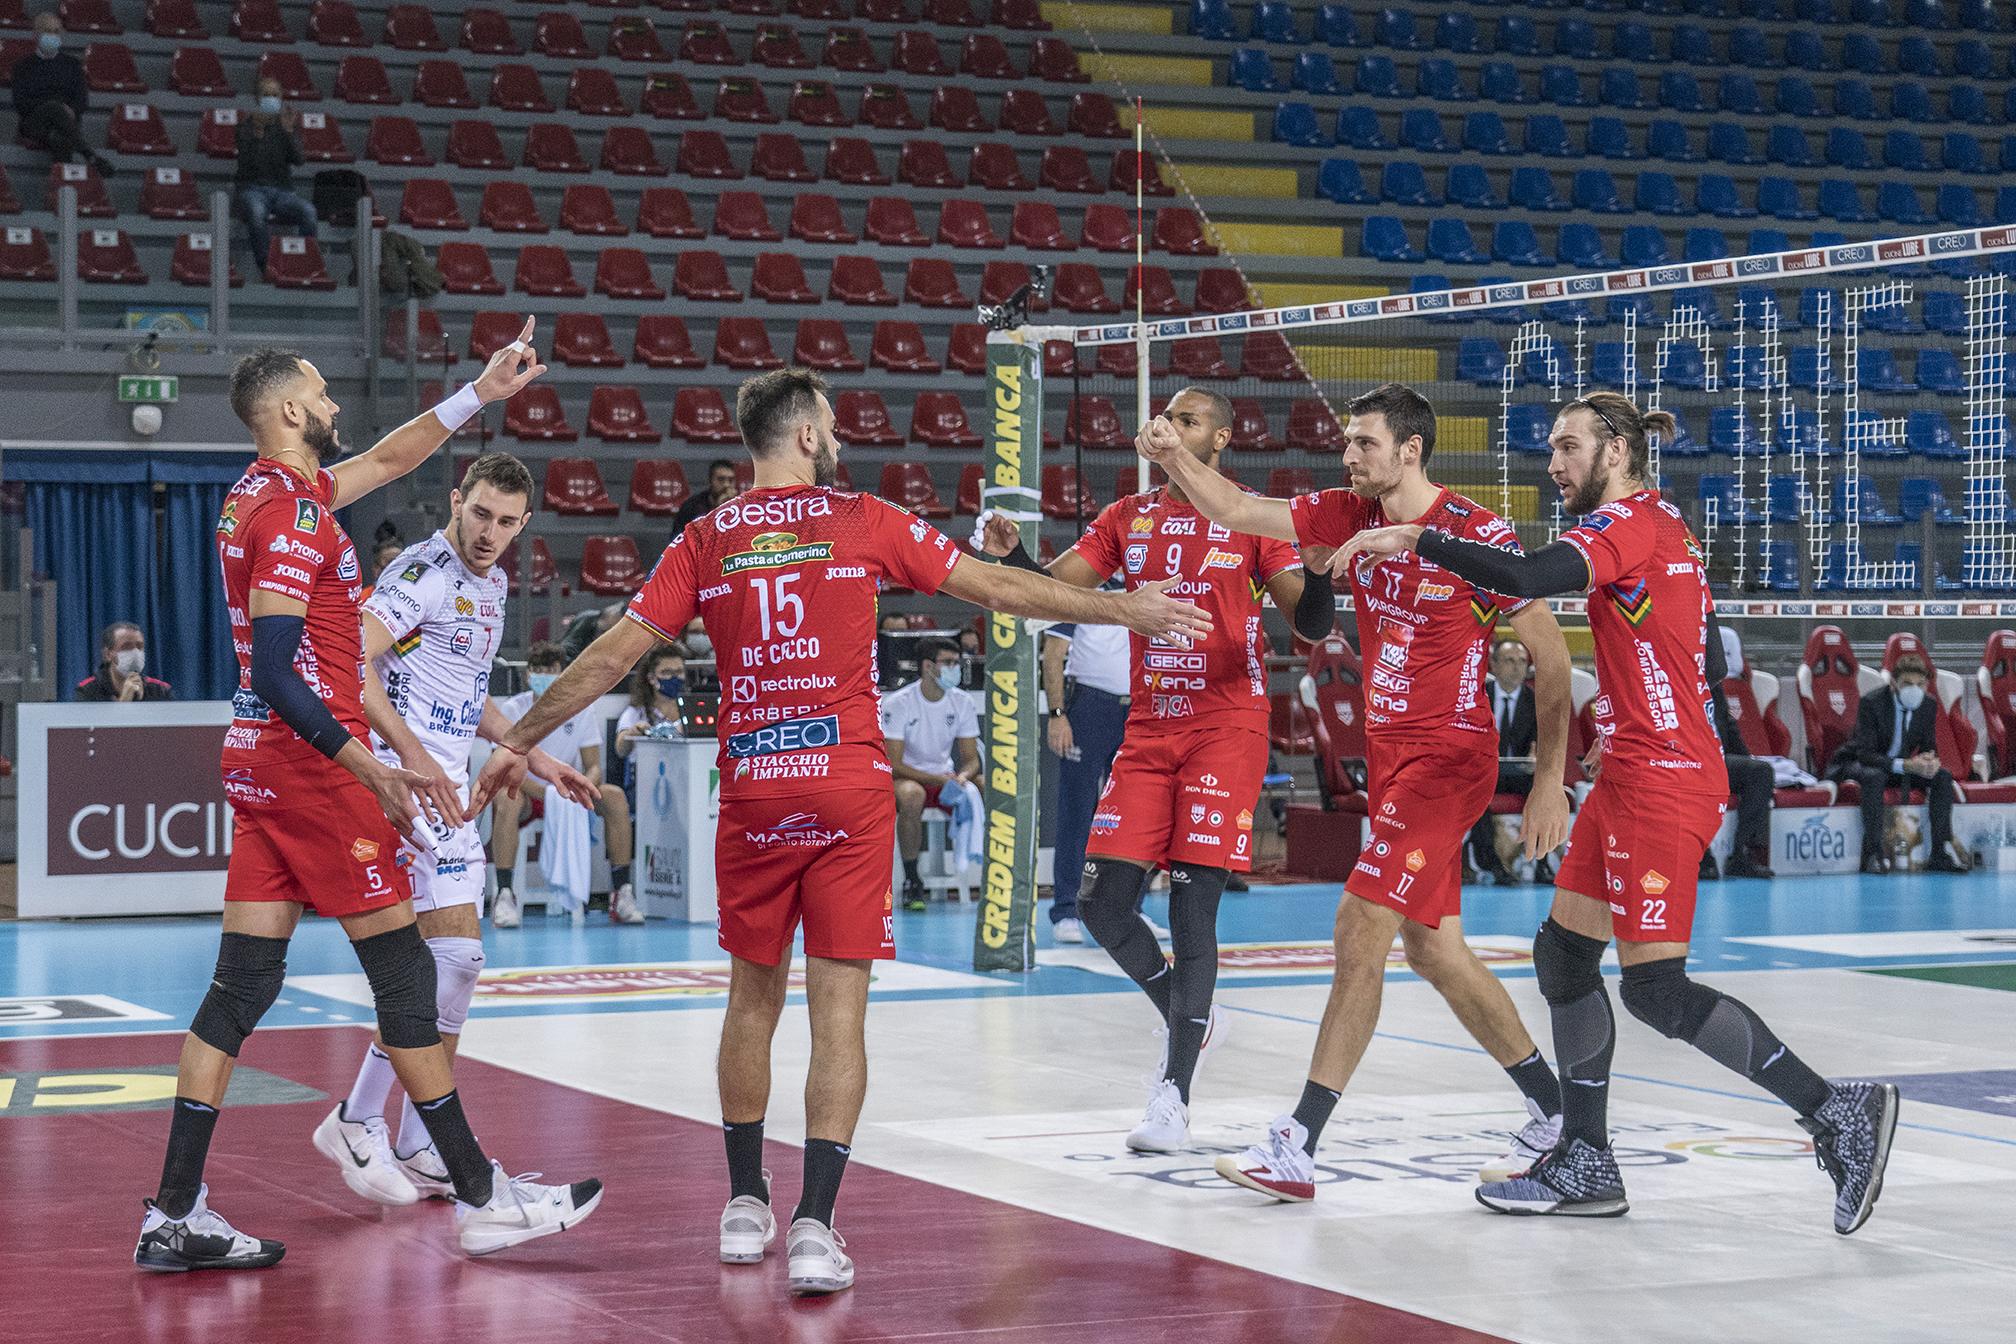 Lube torna a vincere, 3-1 alla NBV Verona con Simon MVP